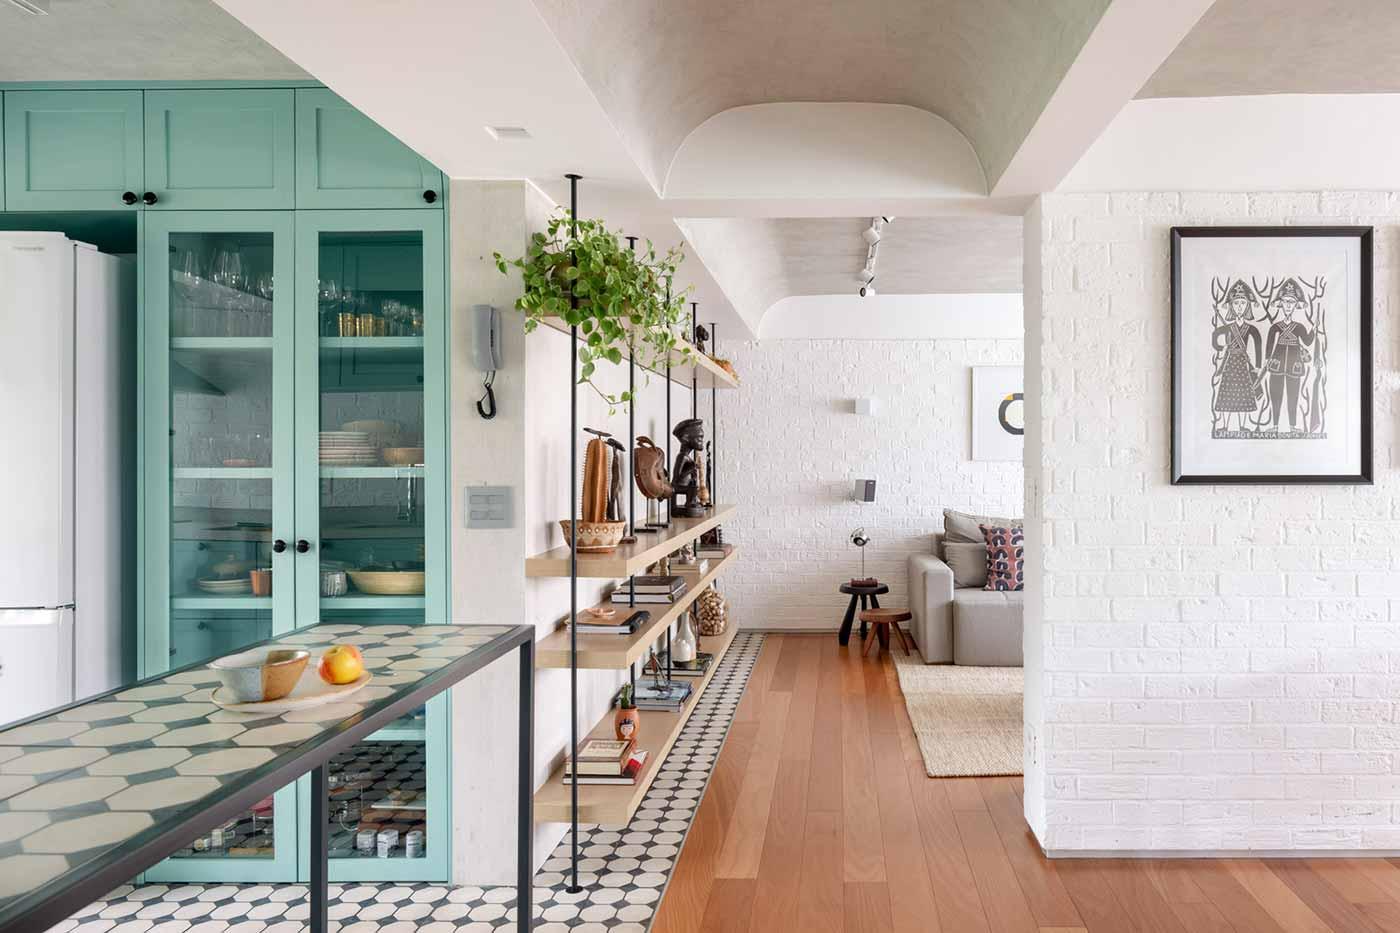 Ruang terbuka yang saling terhubung, hunian karya Semerene Arquitetura Interior, via archdaily.com